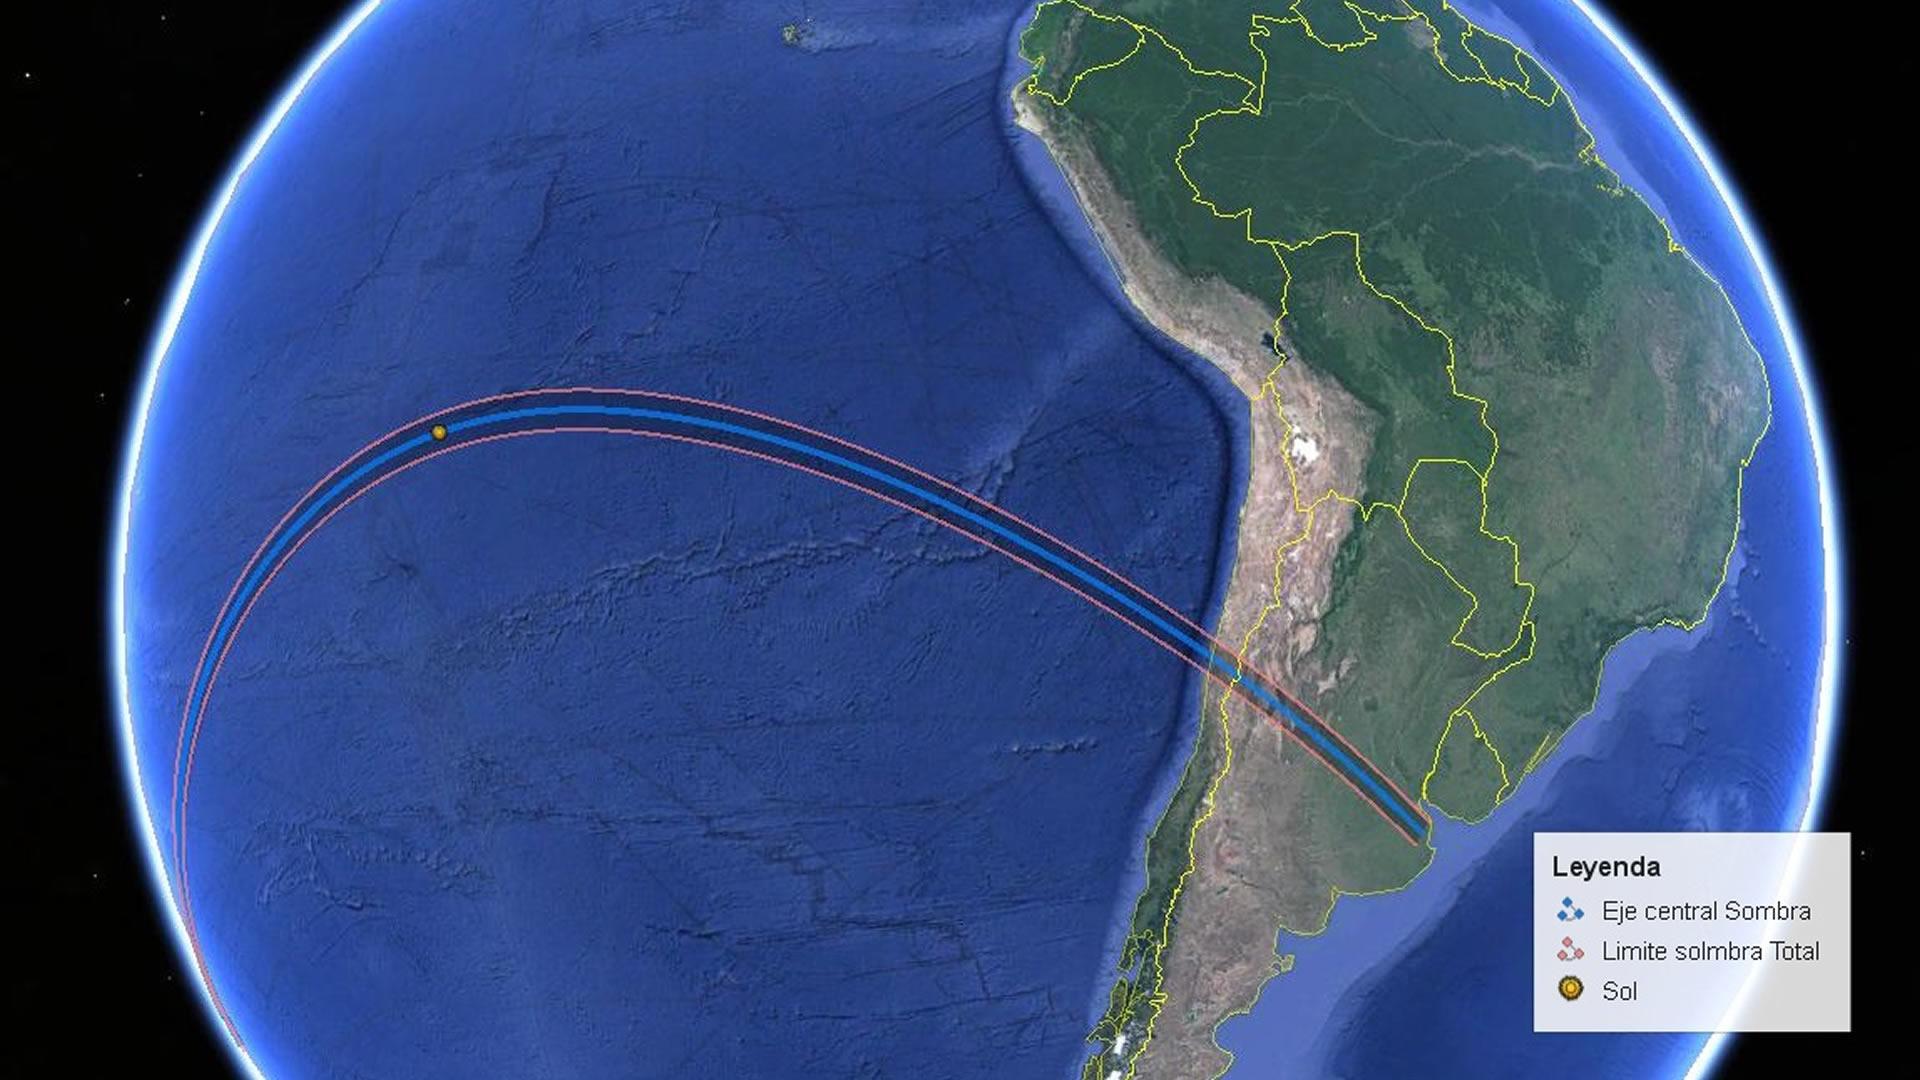 Dónde ver el eclipse de sol que cruzará Argentina y Chile en 2019